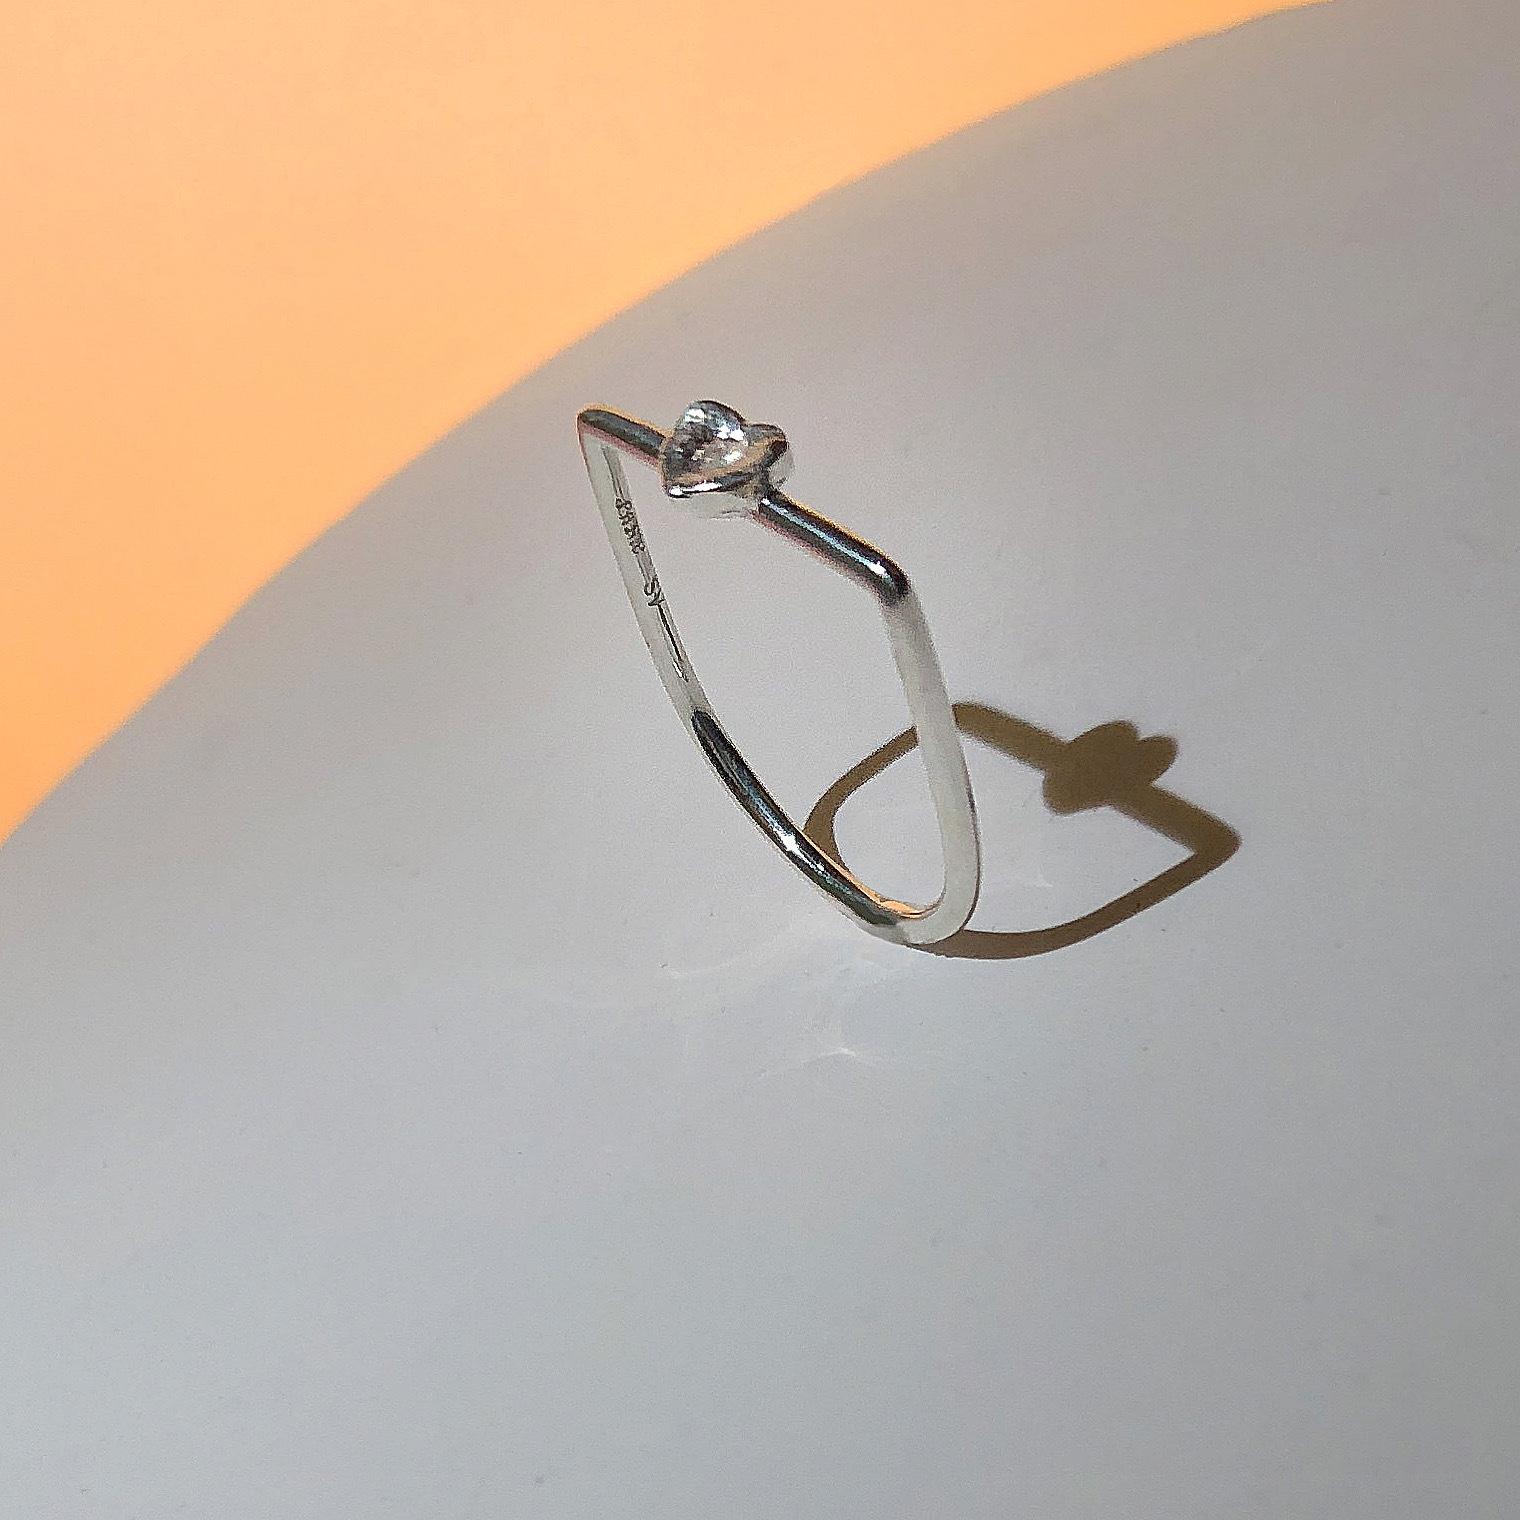 桃のリング SILVER925 #LJ19026R